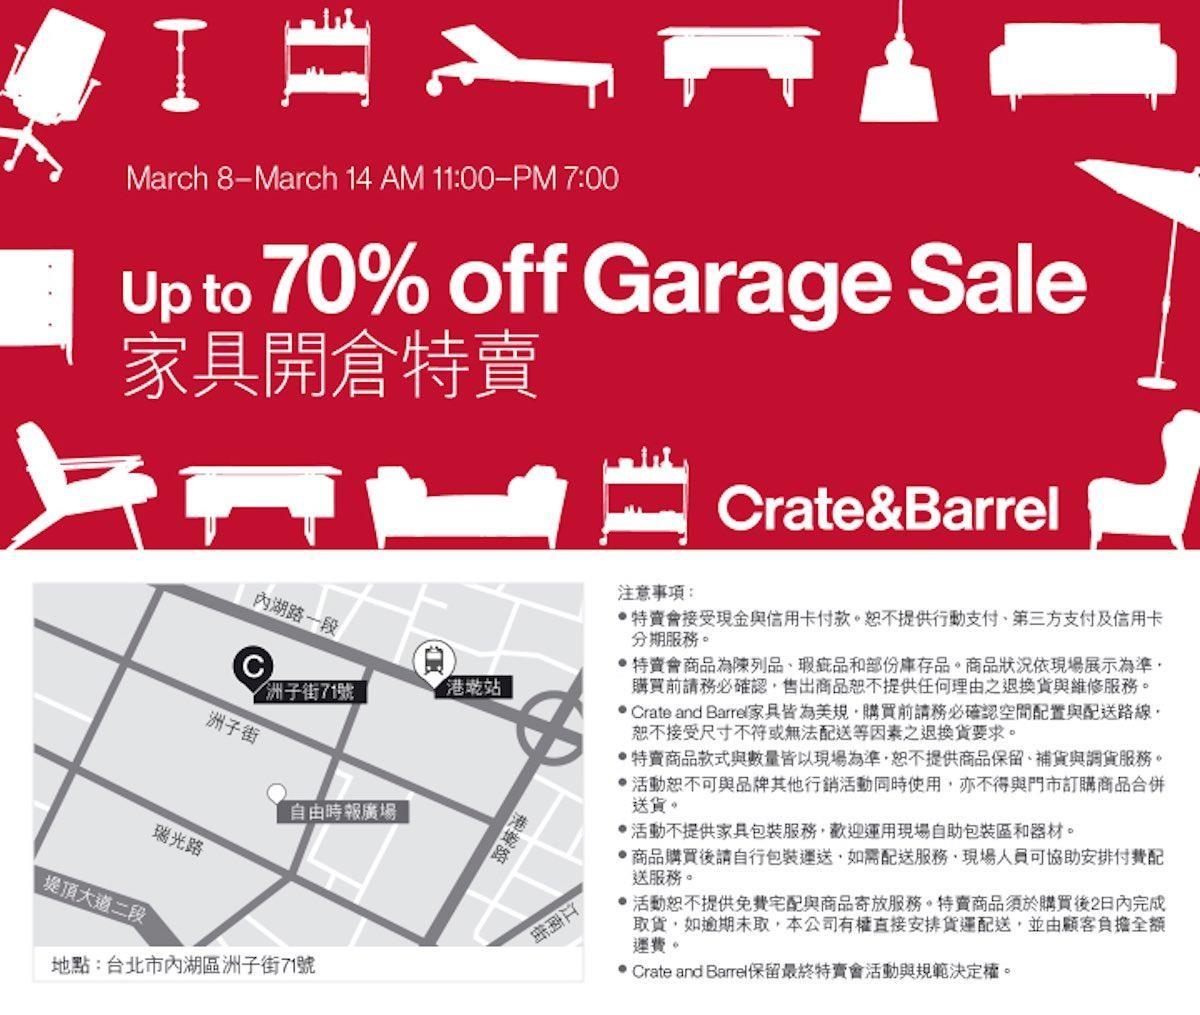 圖文提供_Crate and Barrel